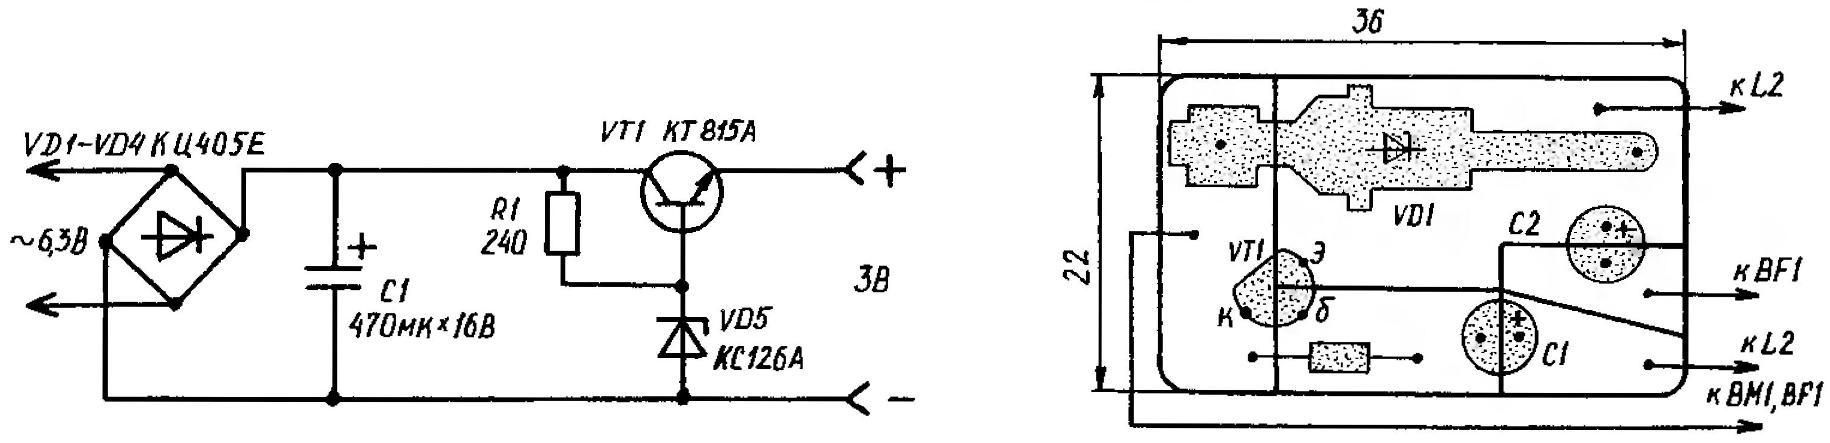 Принципиальная электрическая схема и топология монтажа самодельного блока «выпрямитель-стабилизатор» для аудиоплейера